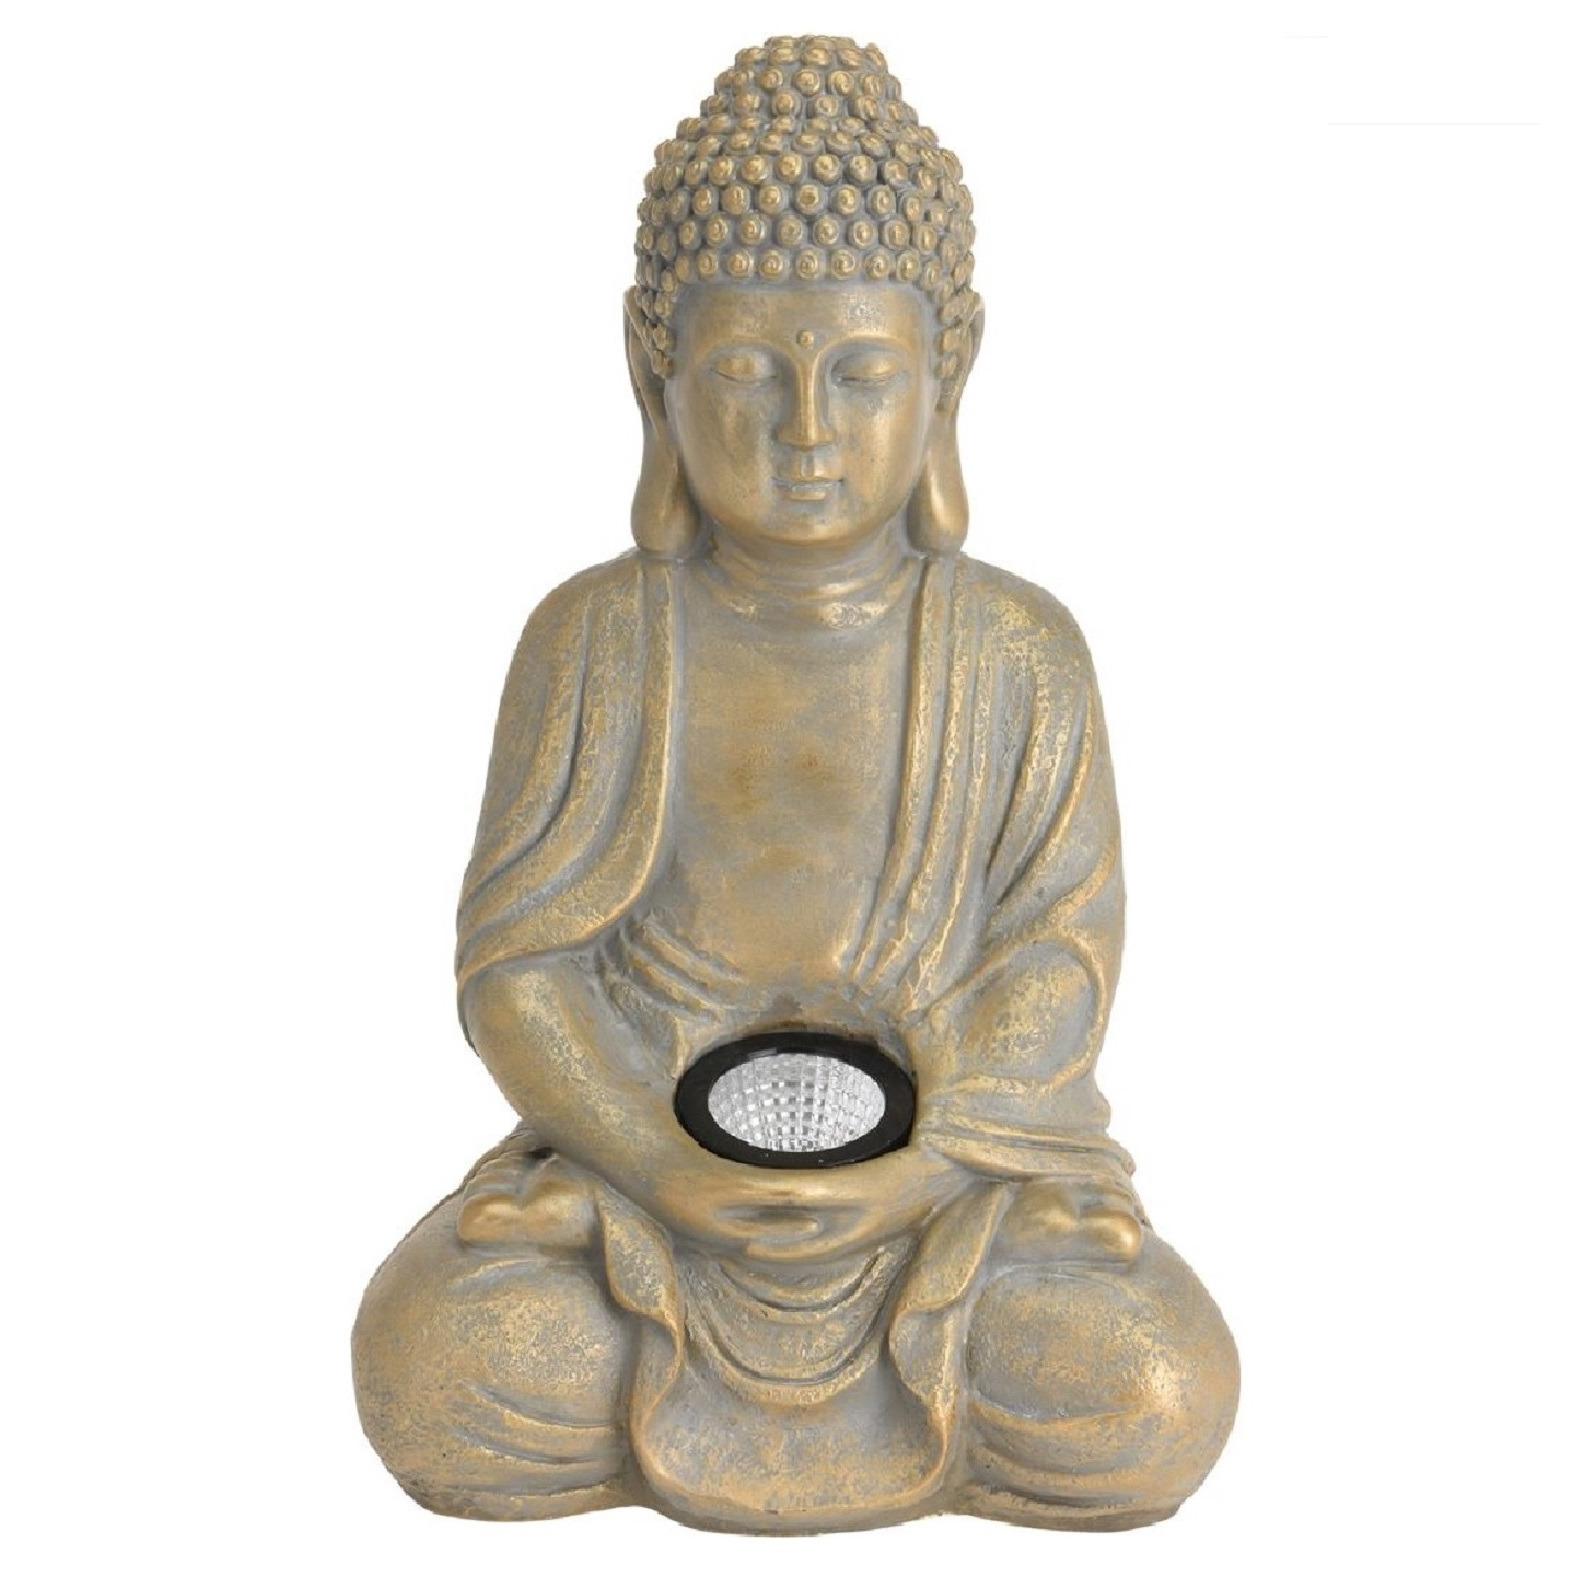 1x Boeddha tuinbeeld goud met solar verlichting op zonne-energie 33 cm - Tuinbeelden